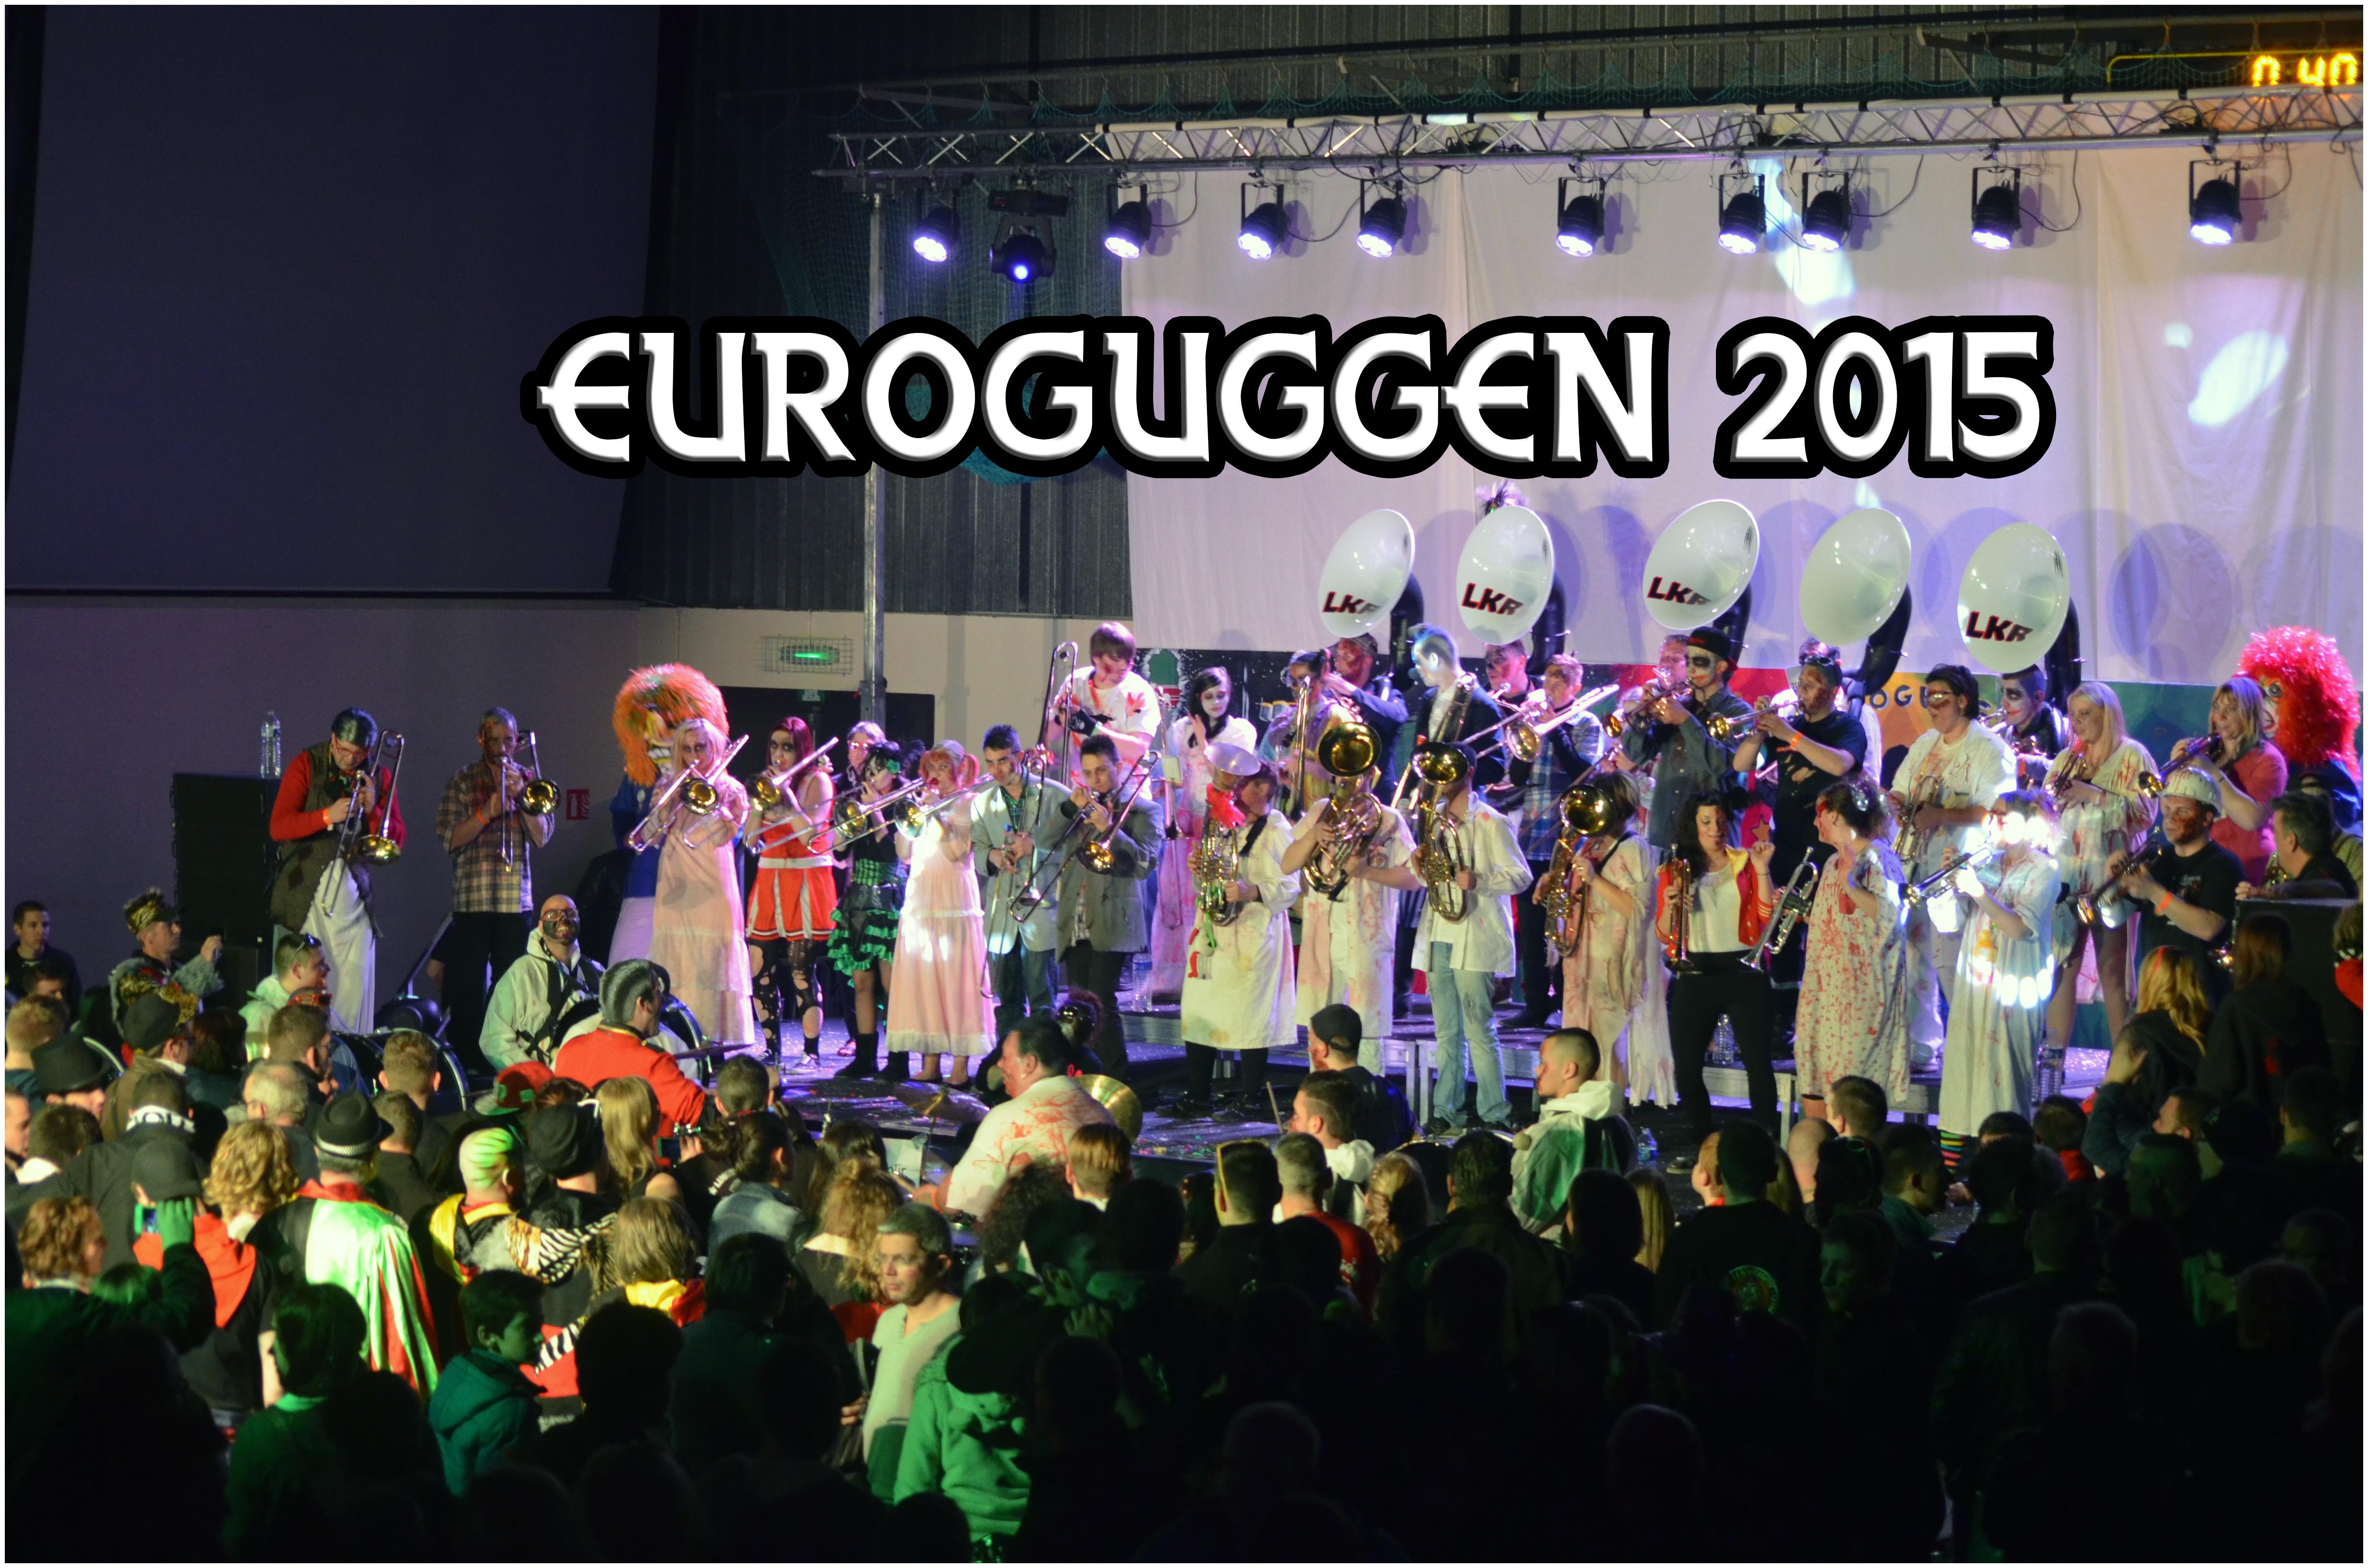 Euroguggen 2015